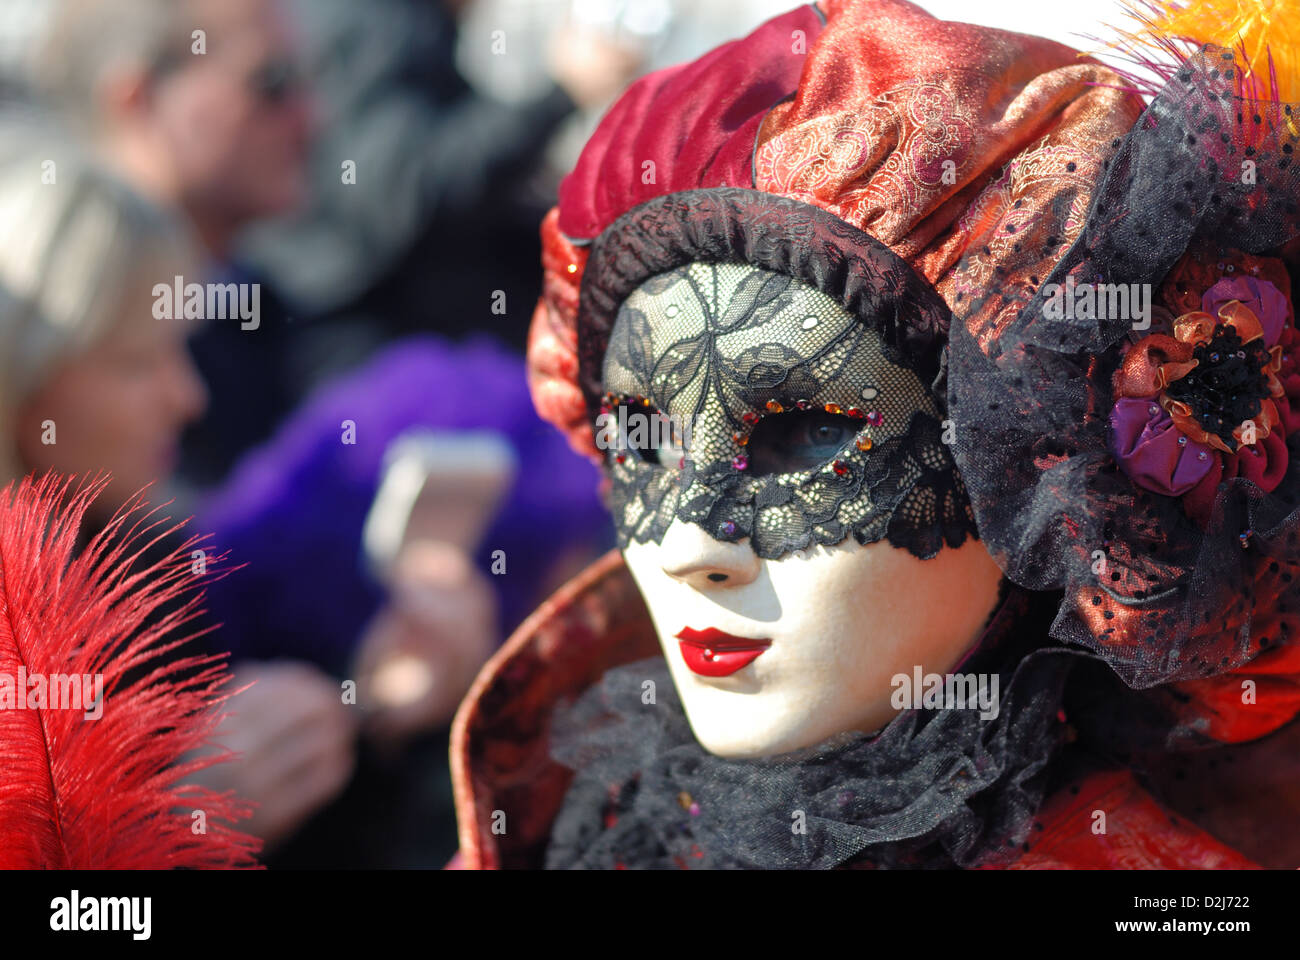 Scegli tra le nostre centinaia di maschere di Carnevale poco care e sempre originalissime, opta per lo stile di maschera che ti si addice di più, non hai che l'imbarazzo della scelta! Una maschera puo' diventare un accessorio raffinato quando è indossata su un abito elegante, o un accessorio festivo irrinunciabile quando completa un costume di Carnevale.